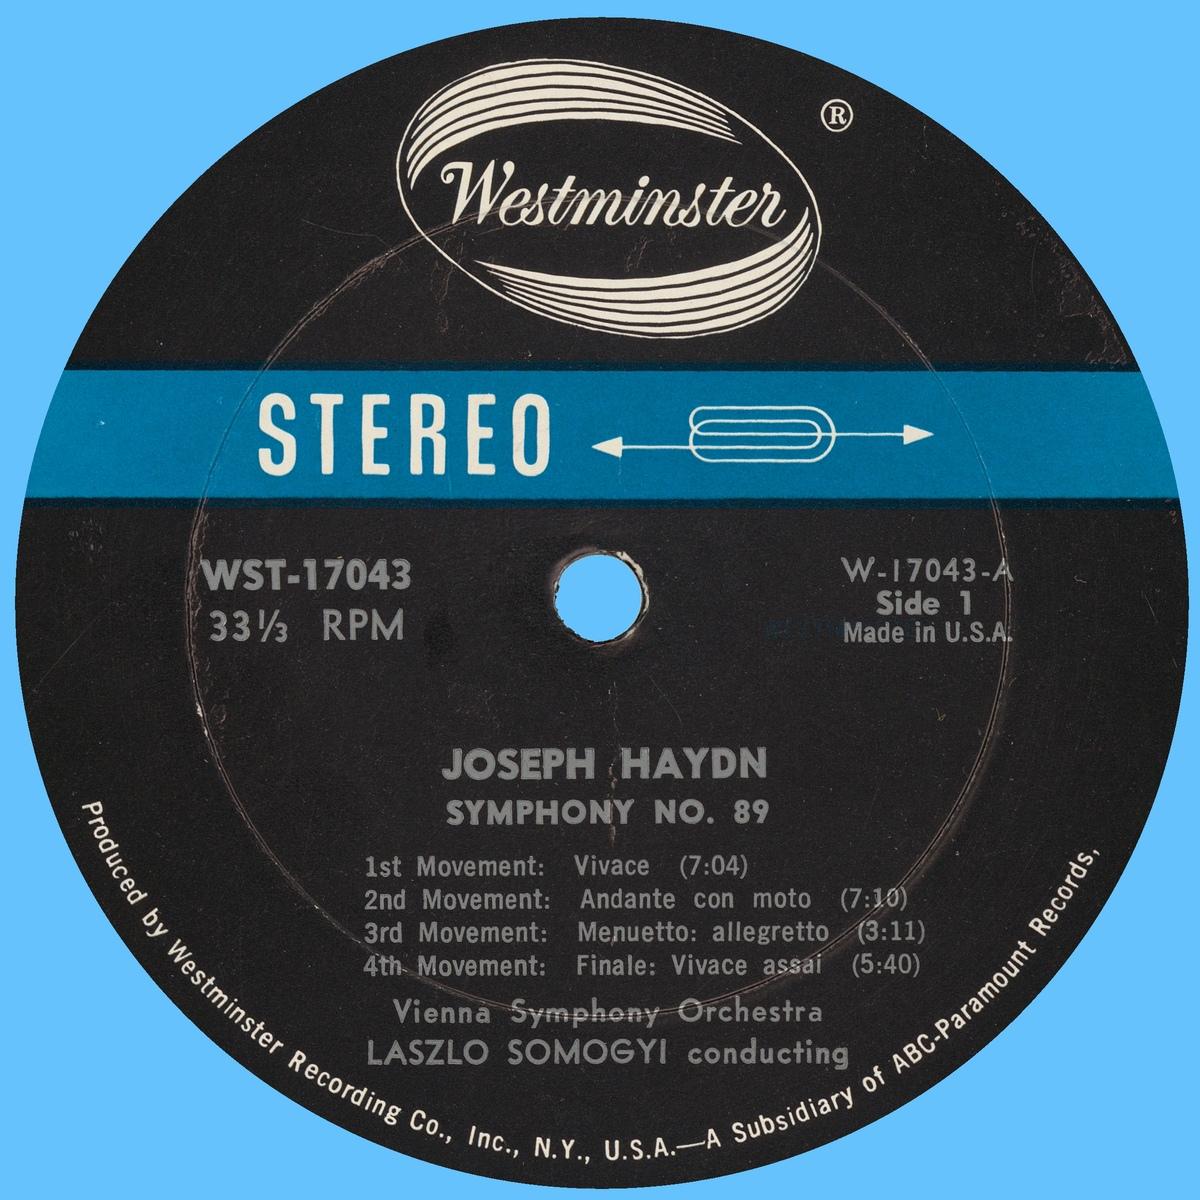 Étiquette recto du disque Westminster WST 17043